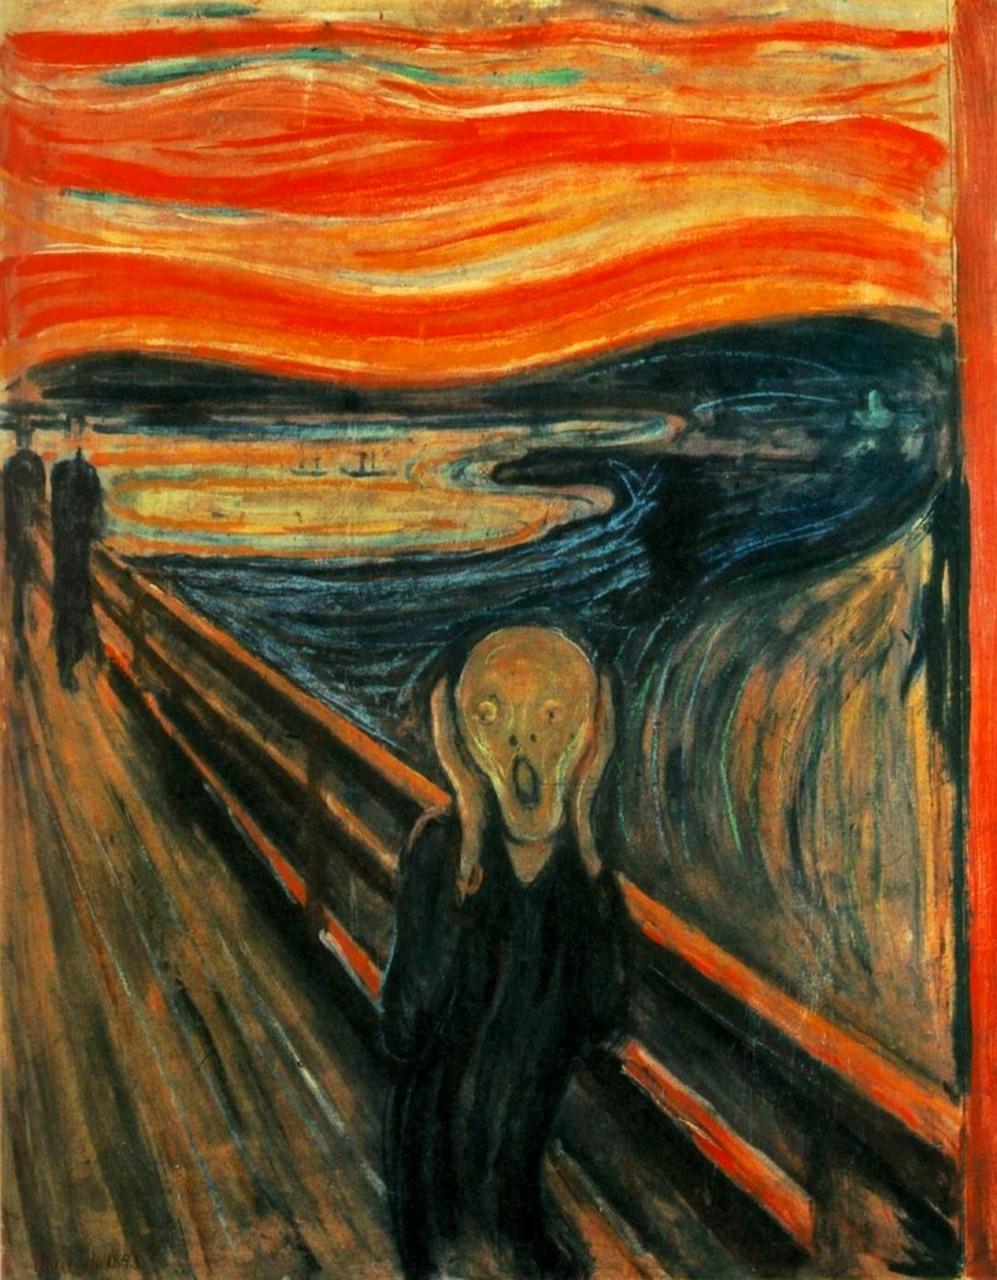 【有名絵画】ムンクの叫び基礎知識